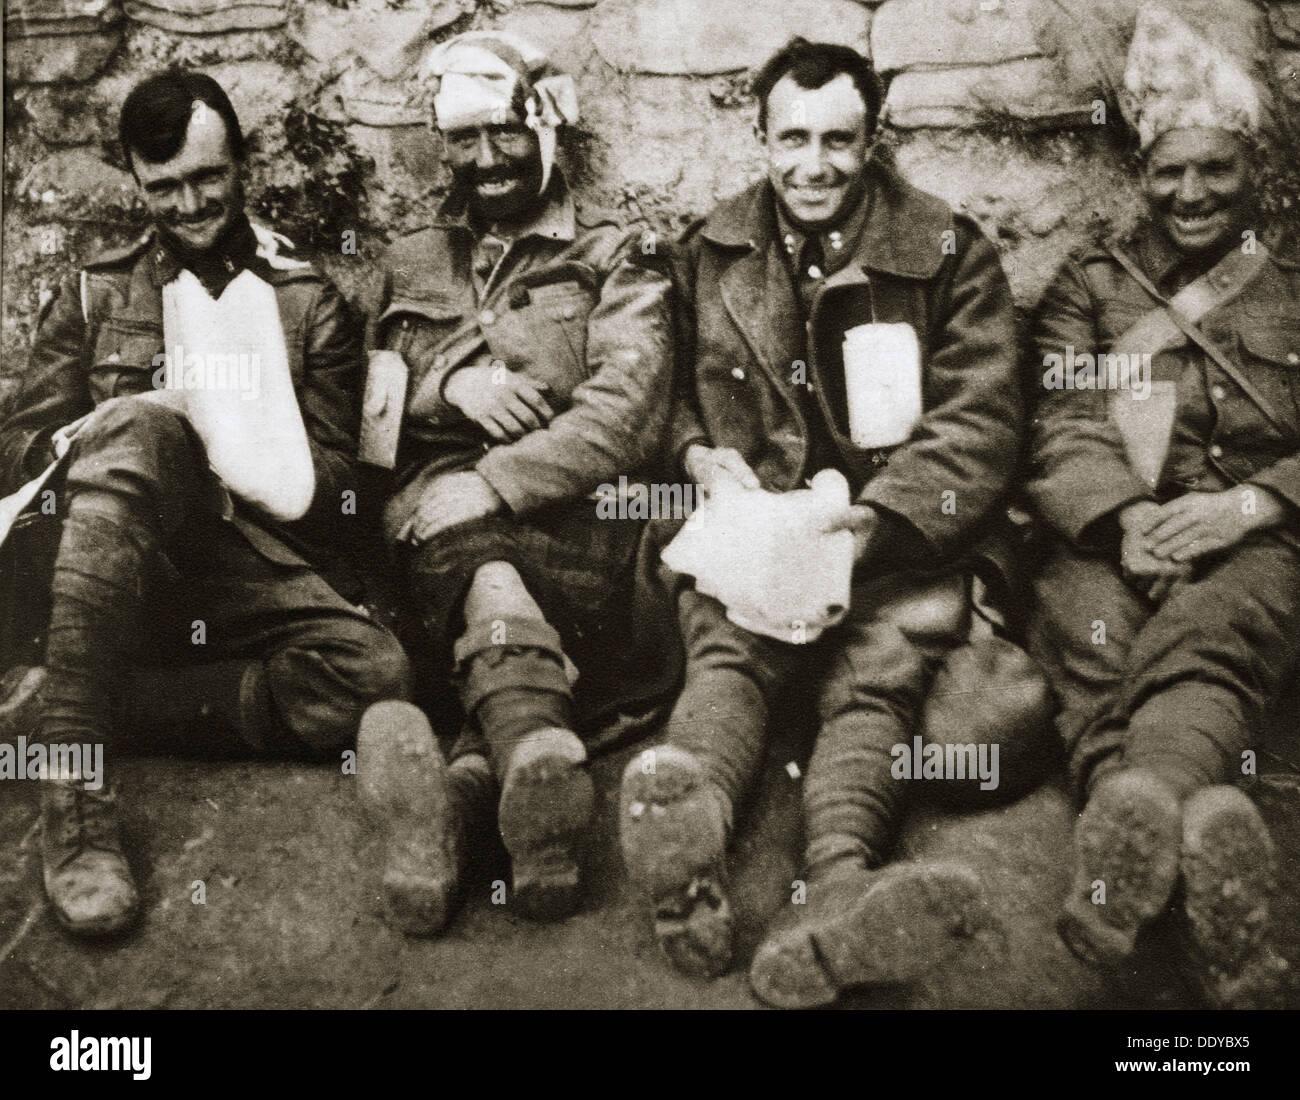 """""""Si tratta di un lungo cammino per Tipperary', i soldati irlandesi a Gallipoli, Turchia, guerra mondiale I, C1915-c1916. Artista: sconosciuto Immagini Stock"""